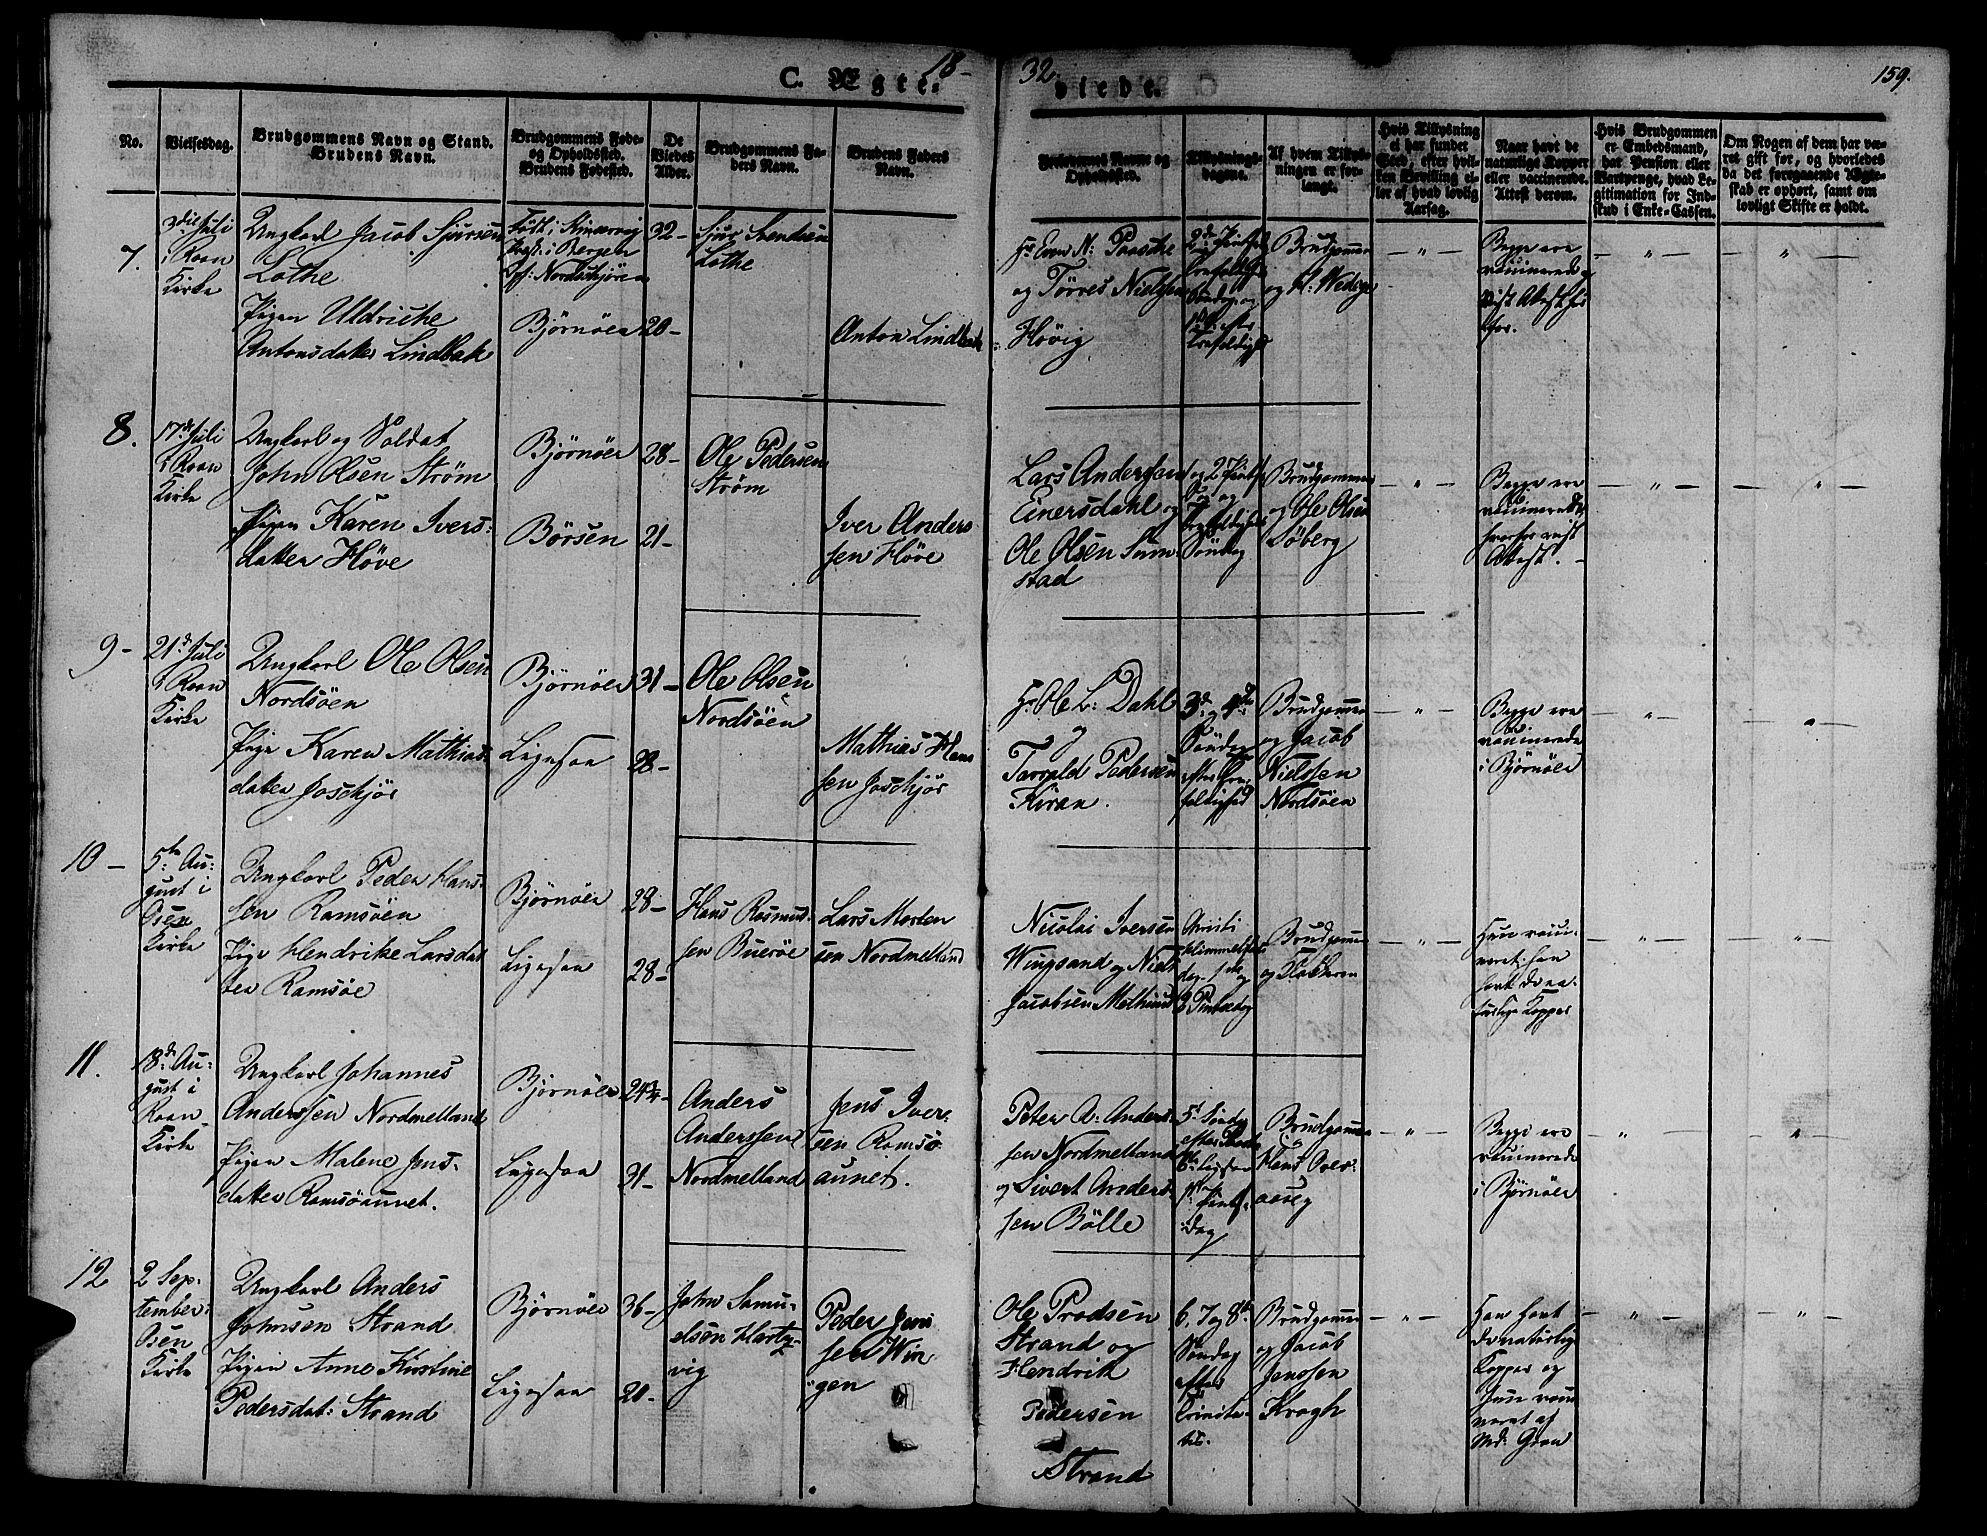 SAT, Ministerialprotokoller, klokkerbøker og fødselsregistre - Sør-Trøndelag, 657/L0703: Ministerialbok nr. 657A04, 1831-1846, s. 159